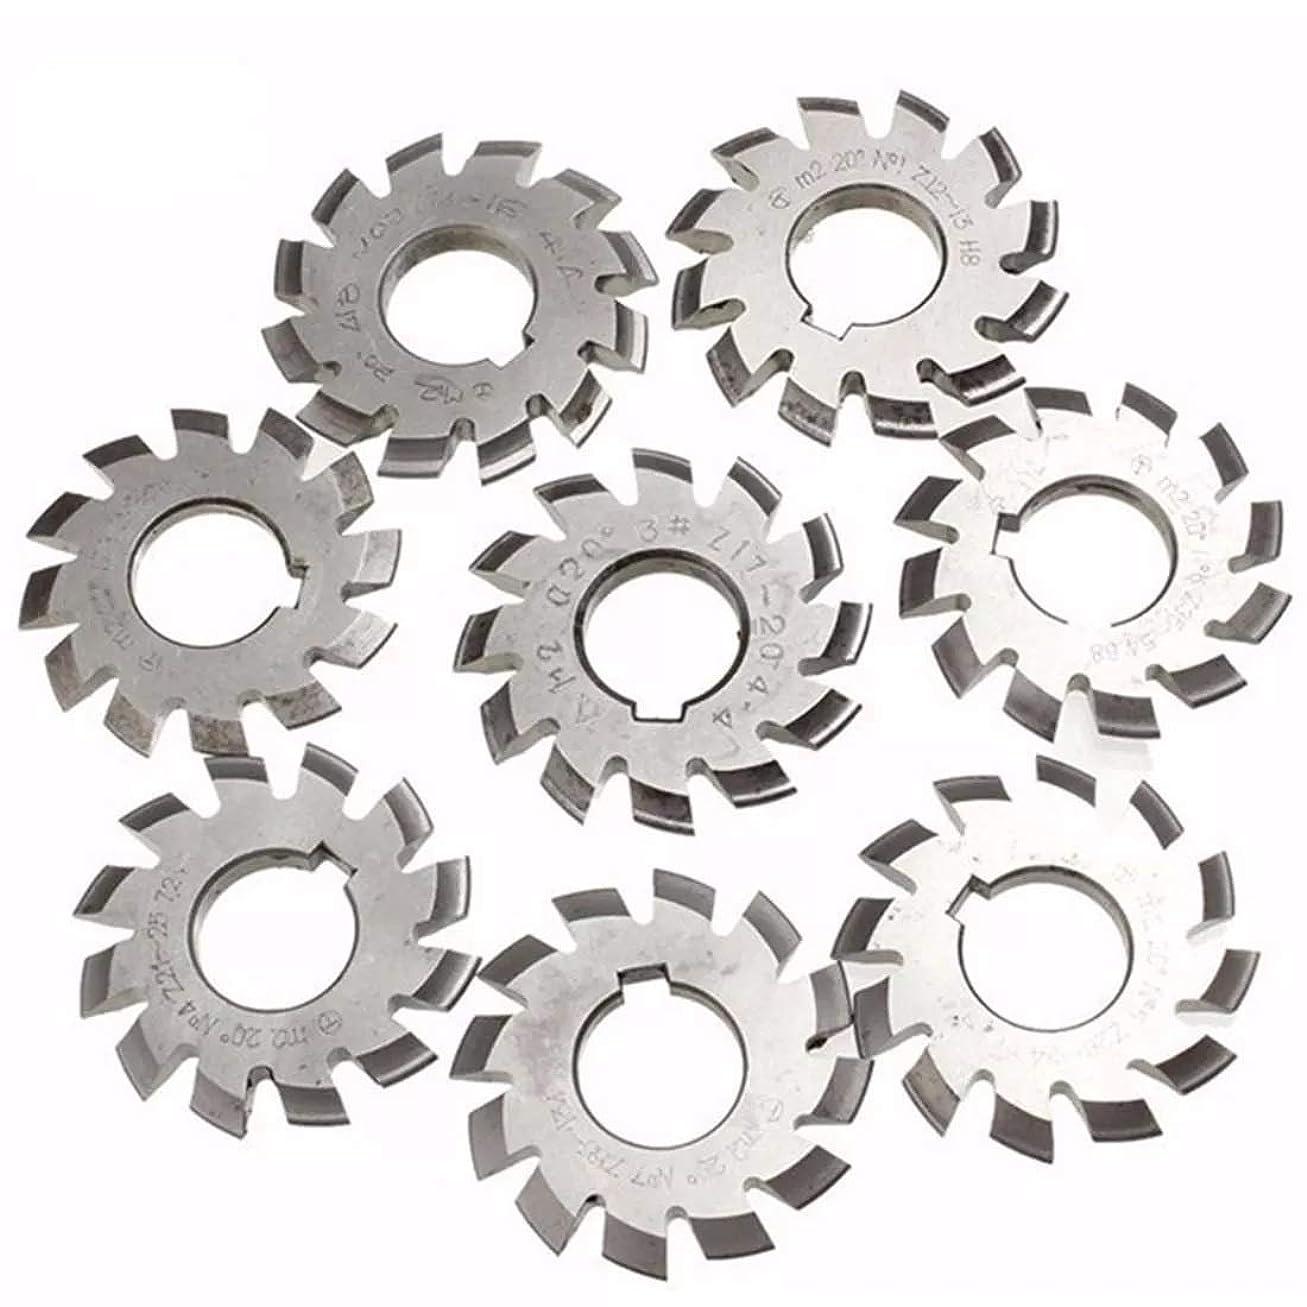 前部シネウィリングZWH-ZWH 鋸刃、8本の直径22ミリメートルモジュール2 20degree#1-8 M2 HSSインボリュート歯車フライスカッターの切削工具 鋸刃切削工具